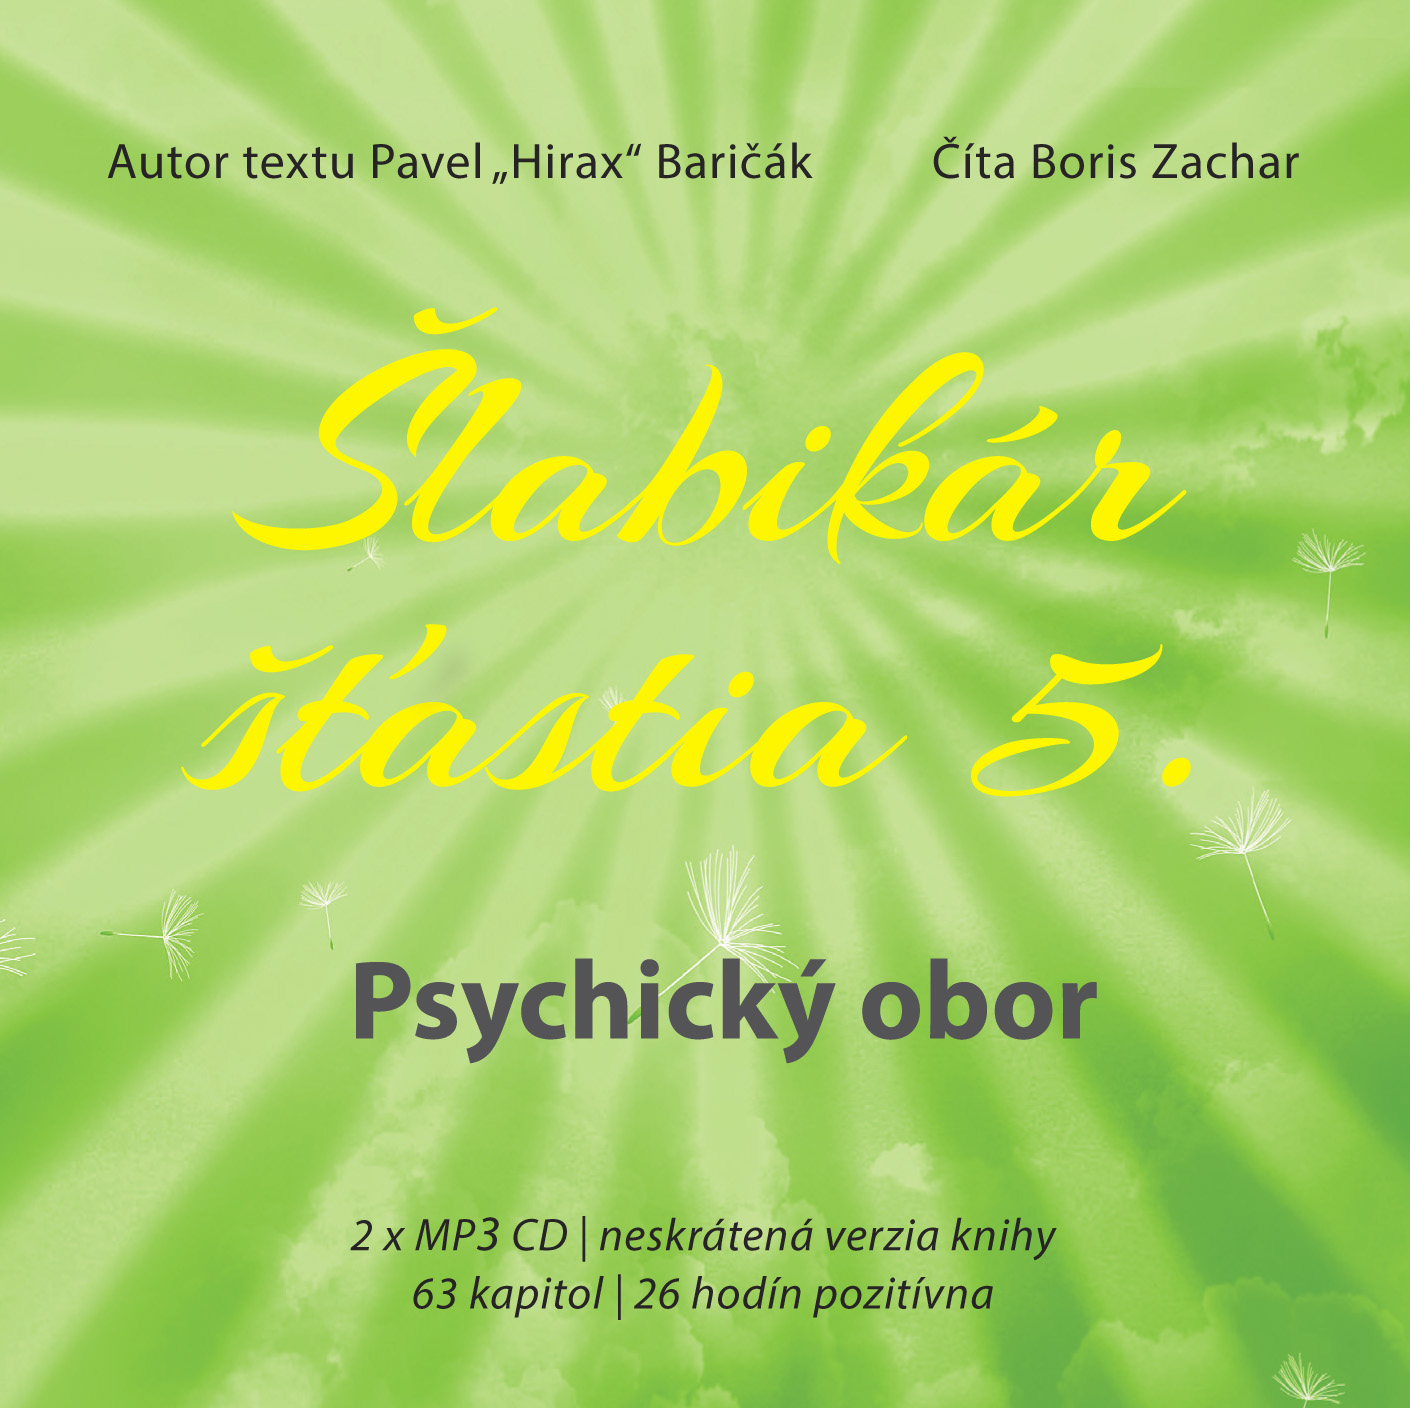 Šlabikár šťastia 5 - Psychický obor - Baričák Hirax Pavel